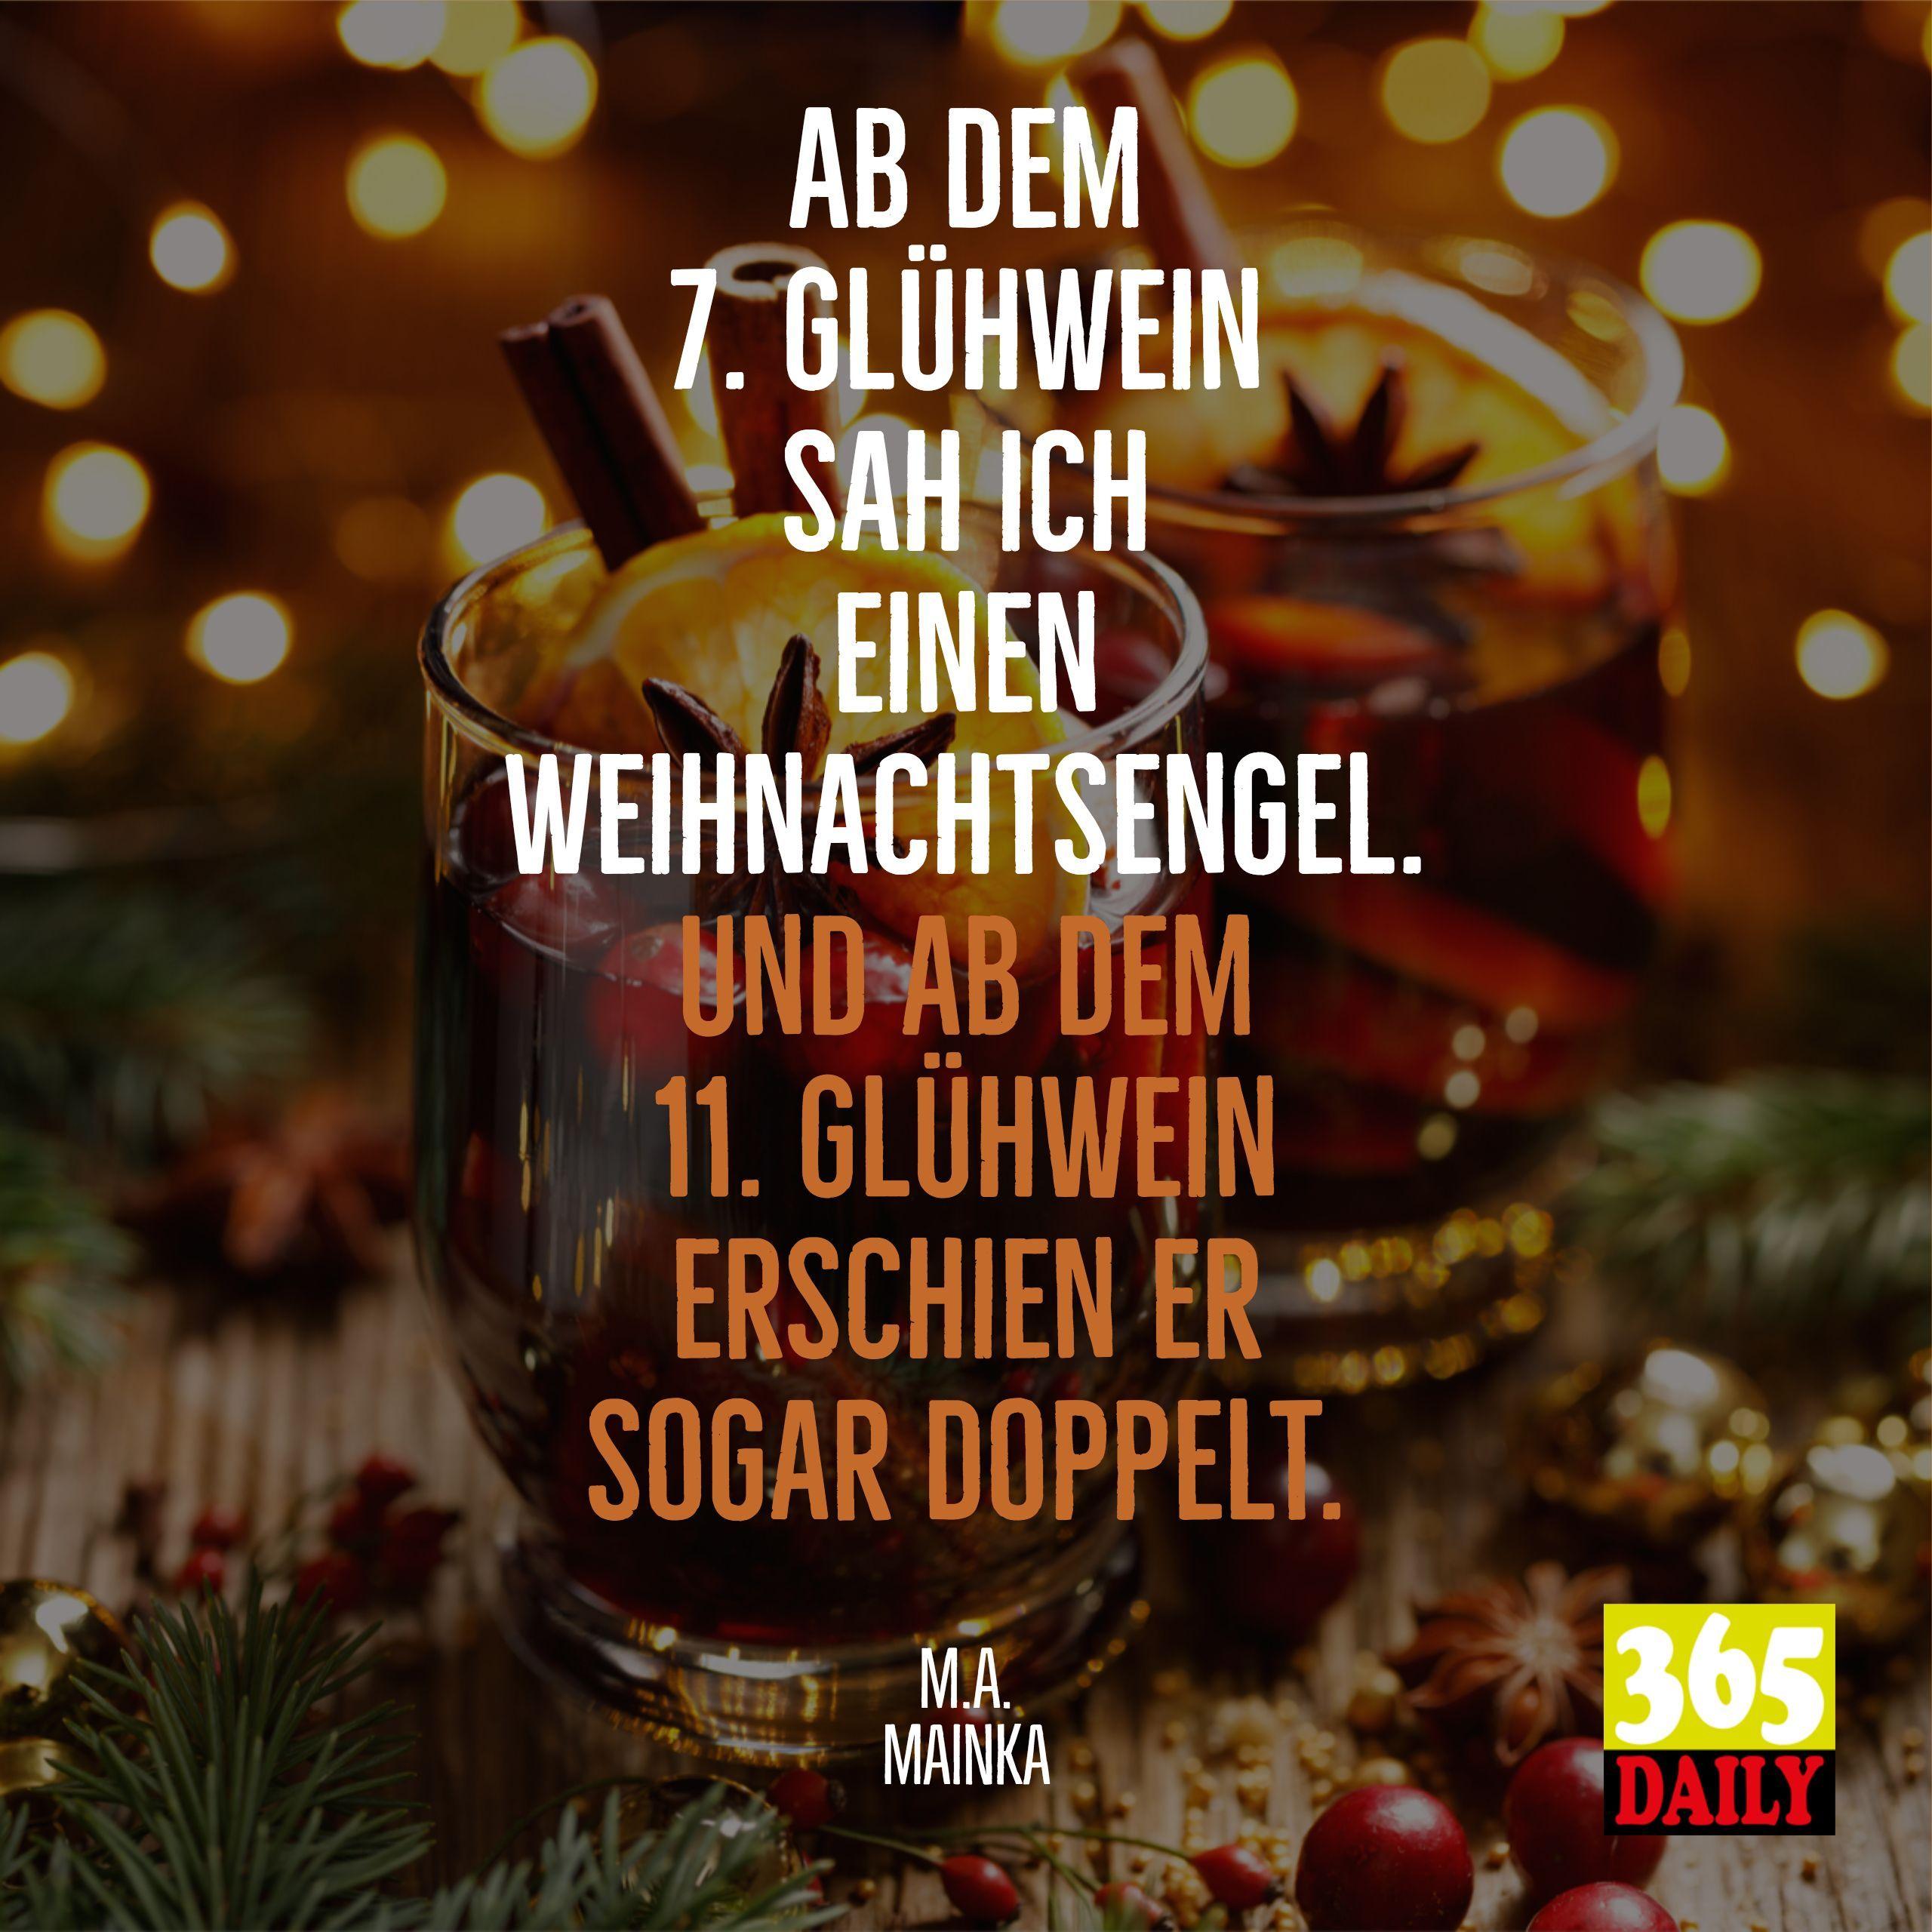 Ab Dem Siebten Glühwein Sah Ich Einen Weihnachtsengel Und Ab Dem